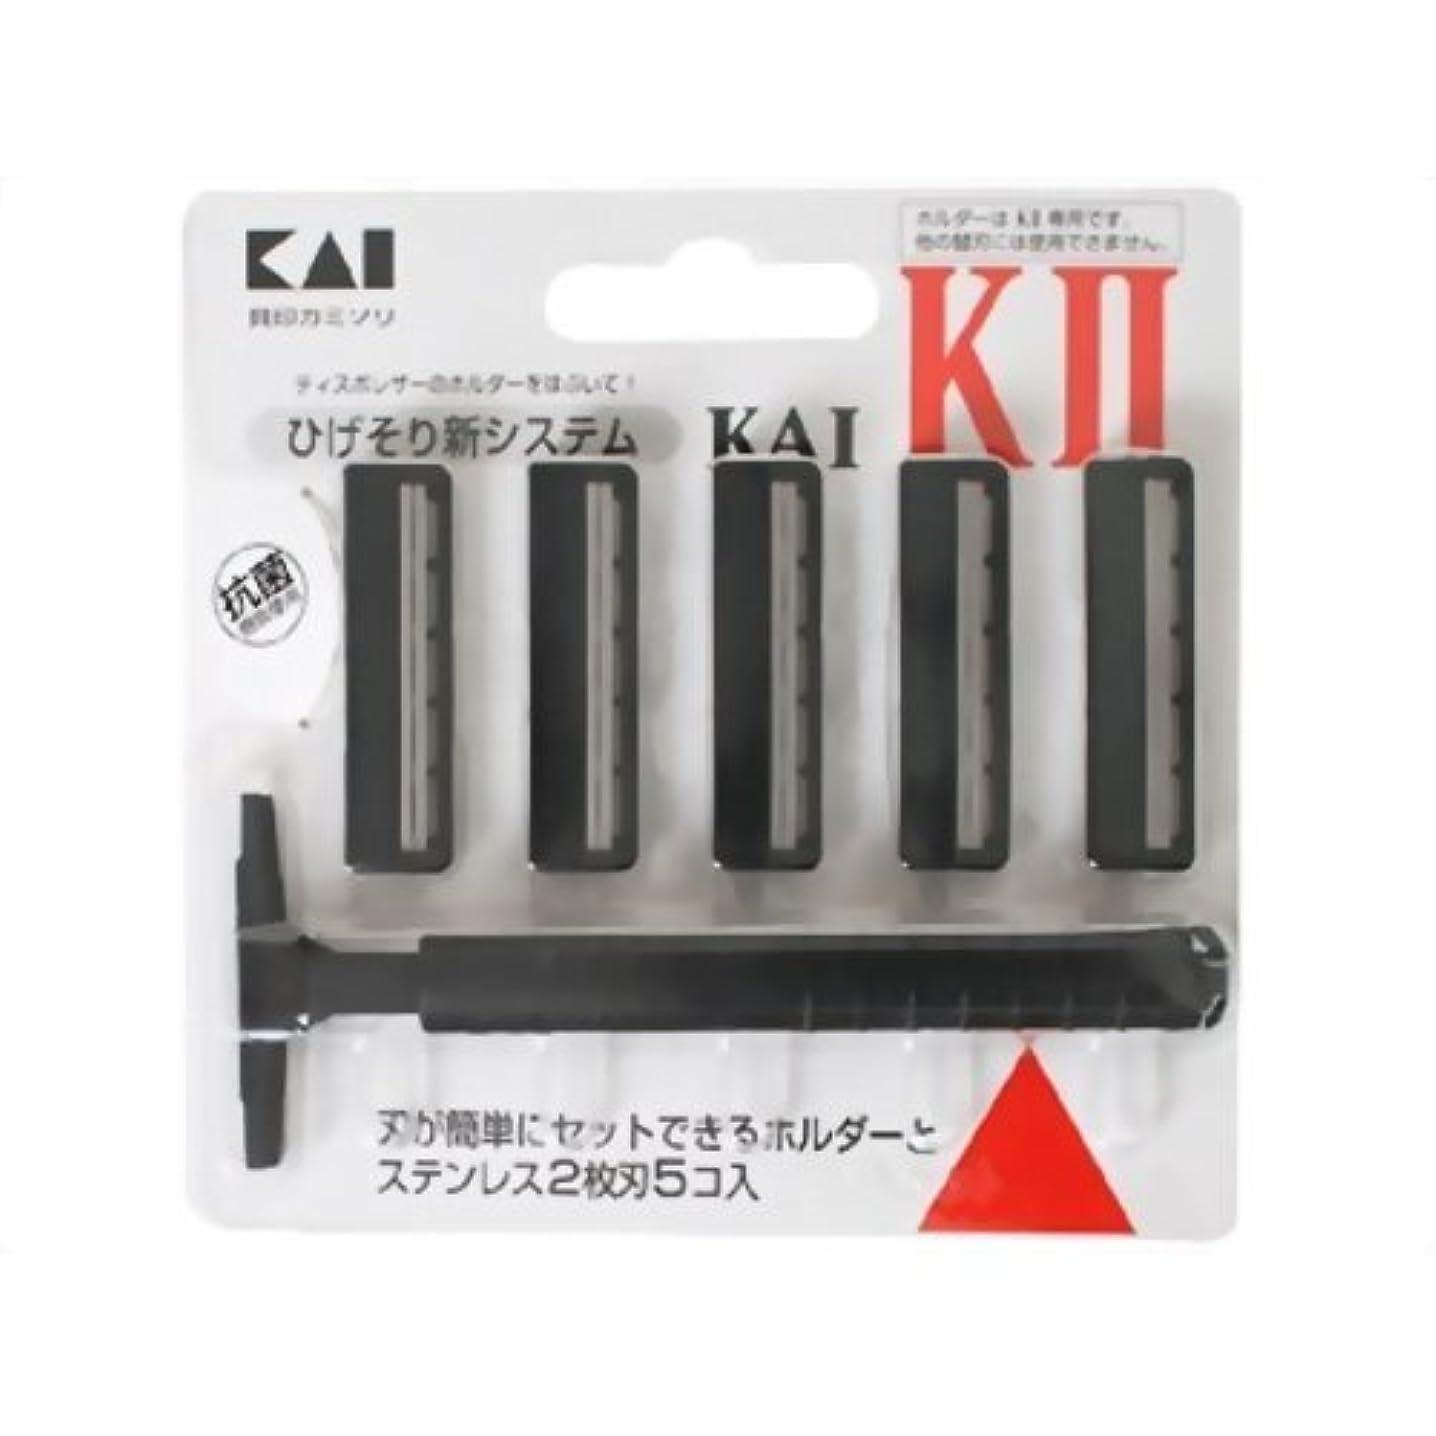 衰える彼女は振る舞いカミソリ KAI-K2 K2-5 ×6個セット